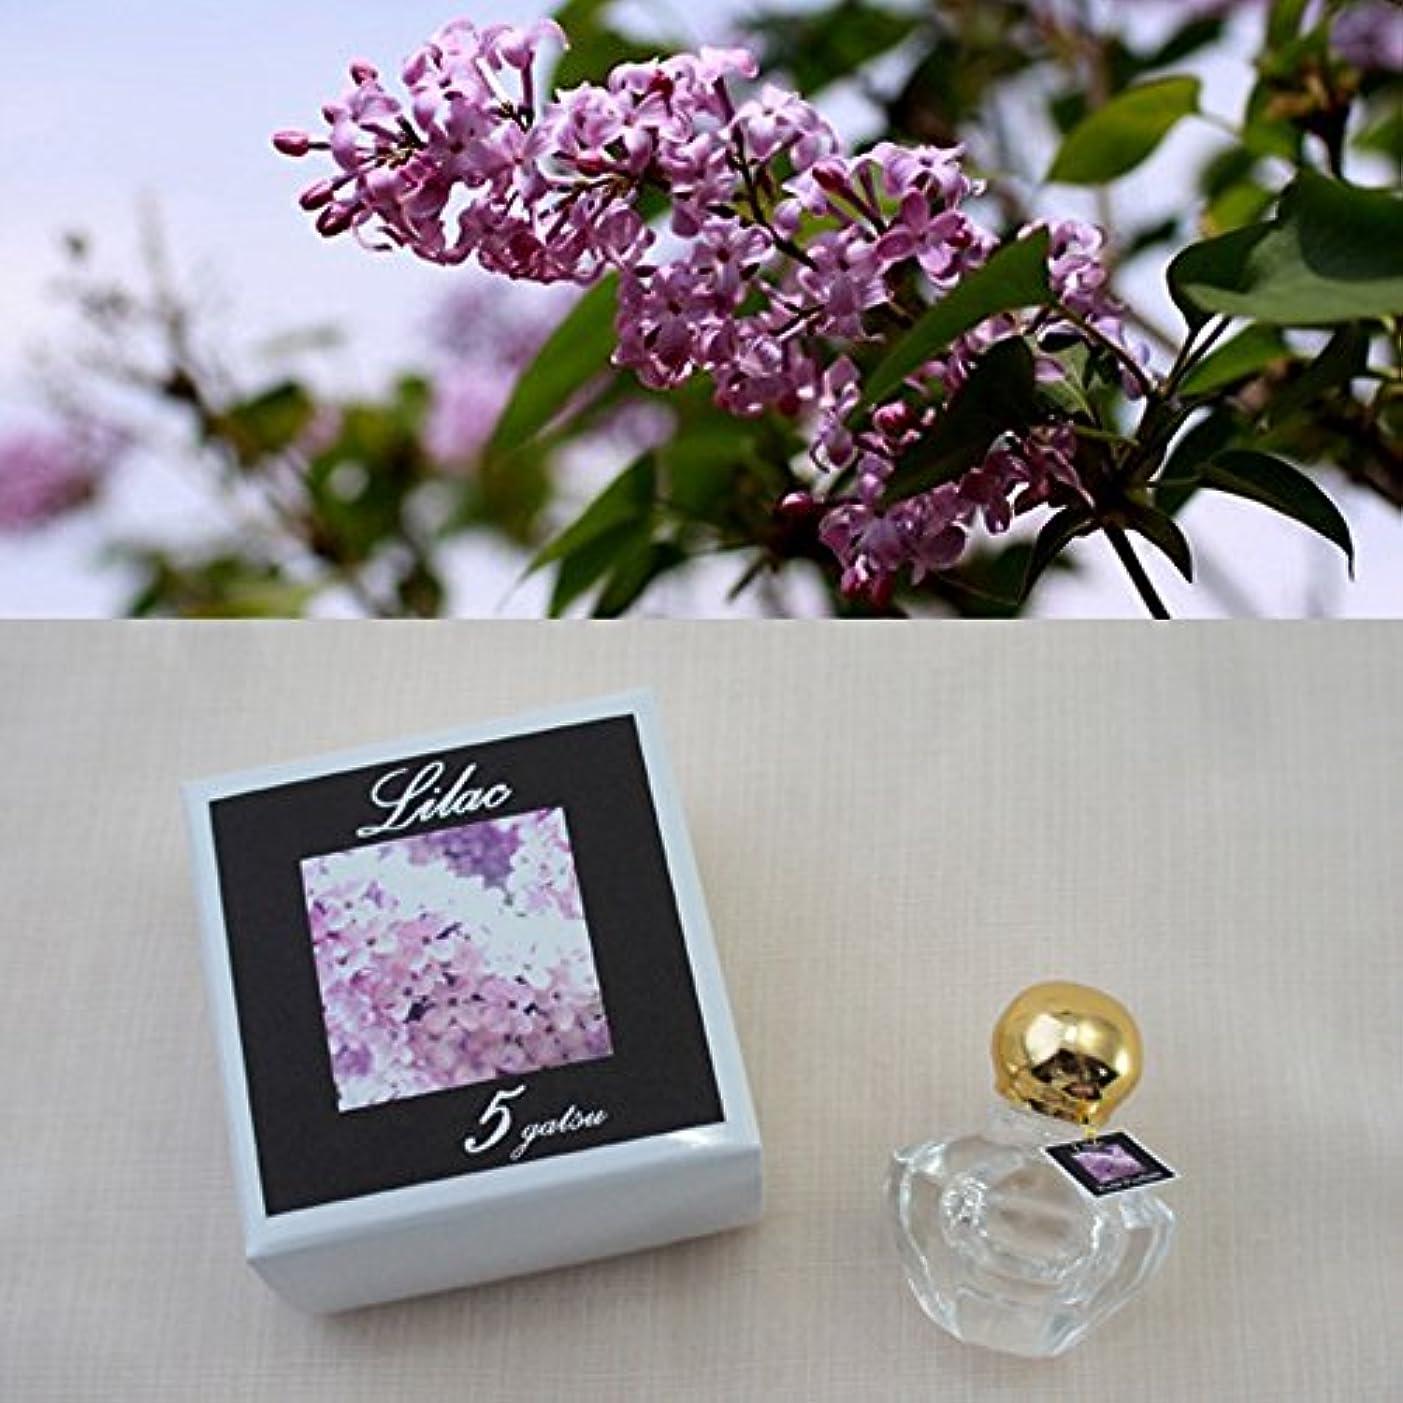 ドローファッションミリメートル香運おみくじ&相性図鑑付き 誕生月の香水「12か月の花香水」 東山植物園の自然の花の香りから生まれた香水です。 (5月 ライラック)